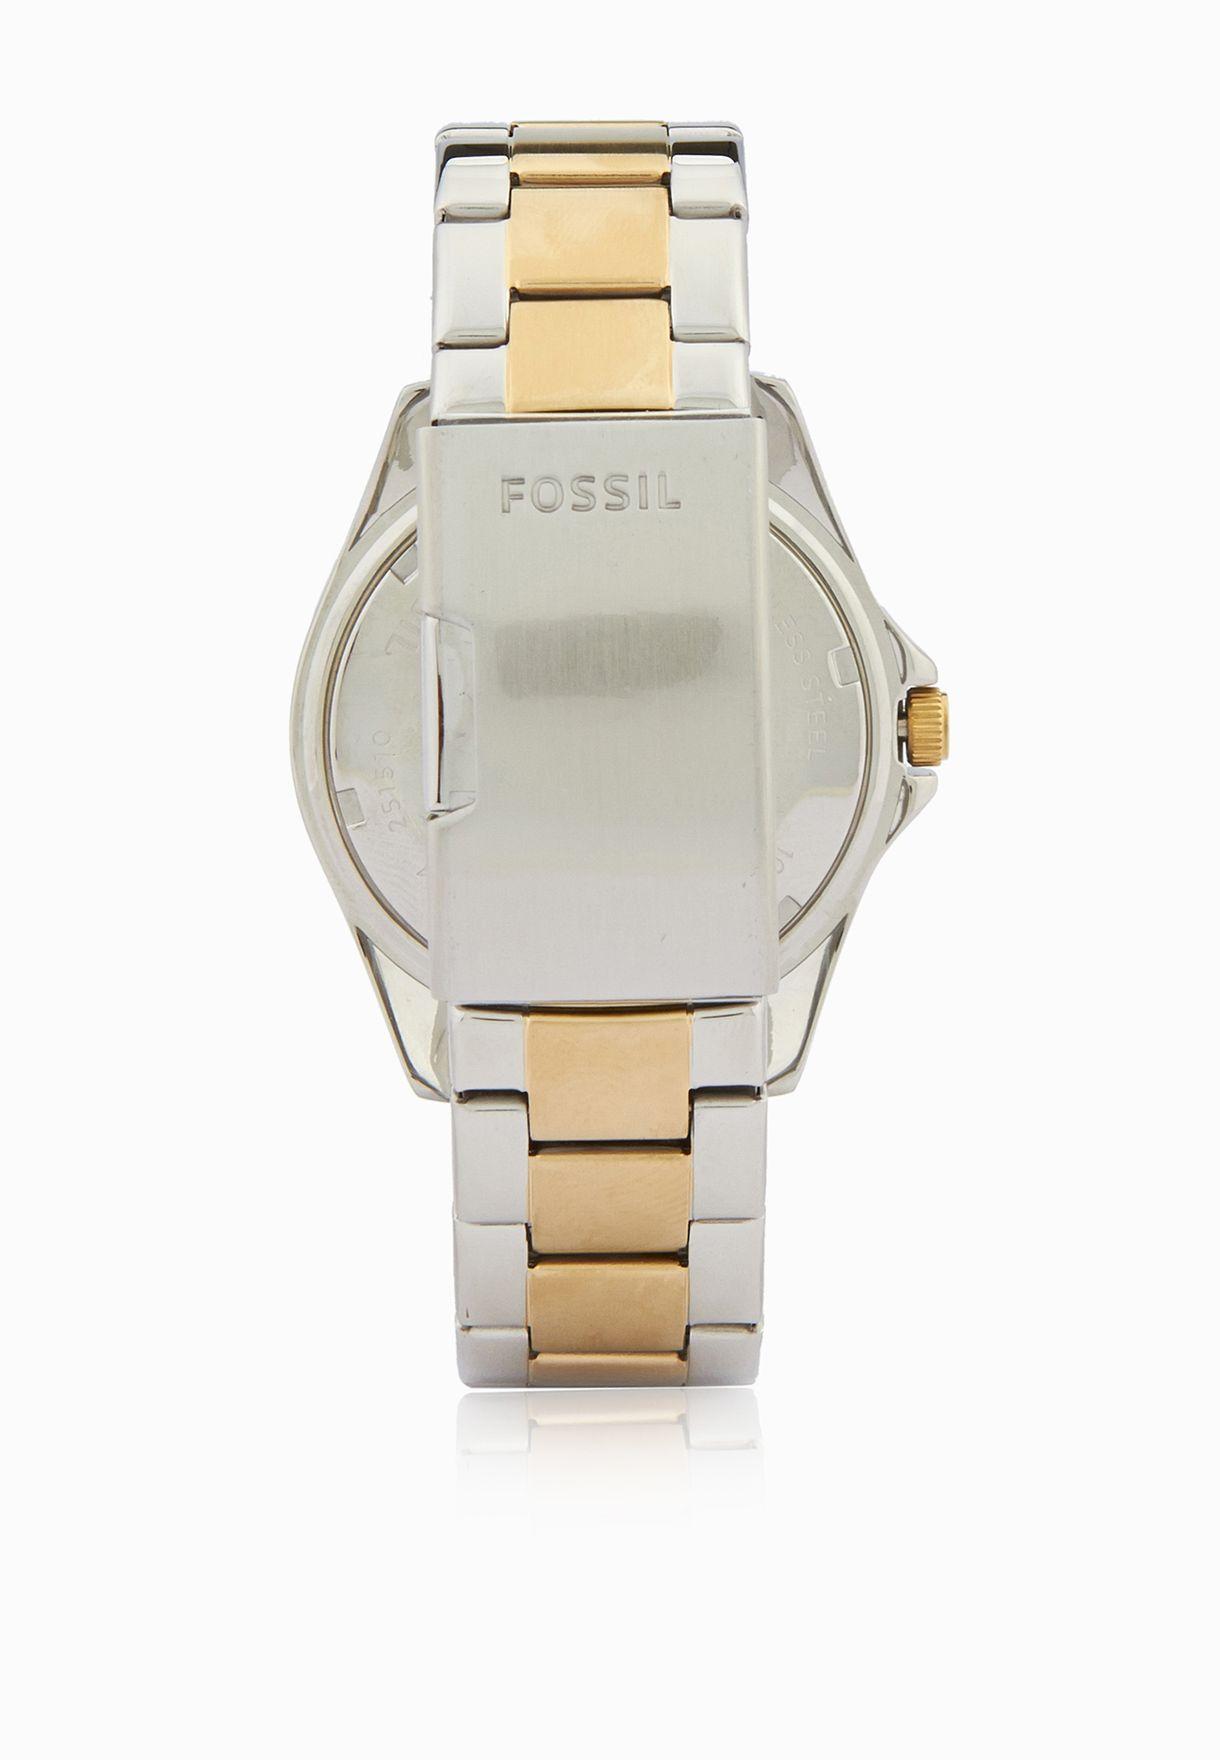 ساعة معدنية بشعار الماركة